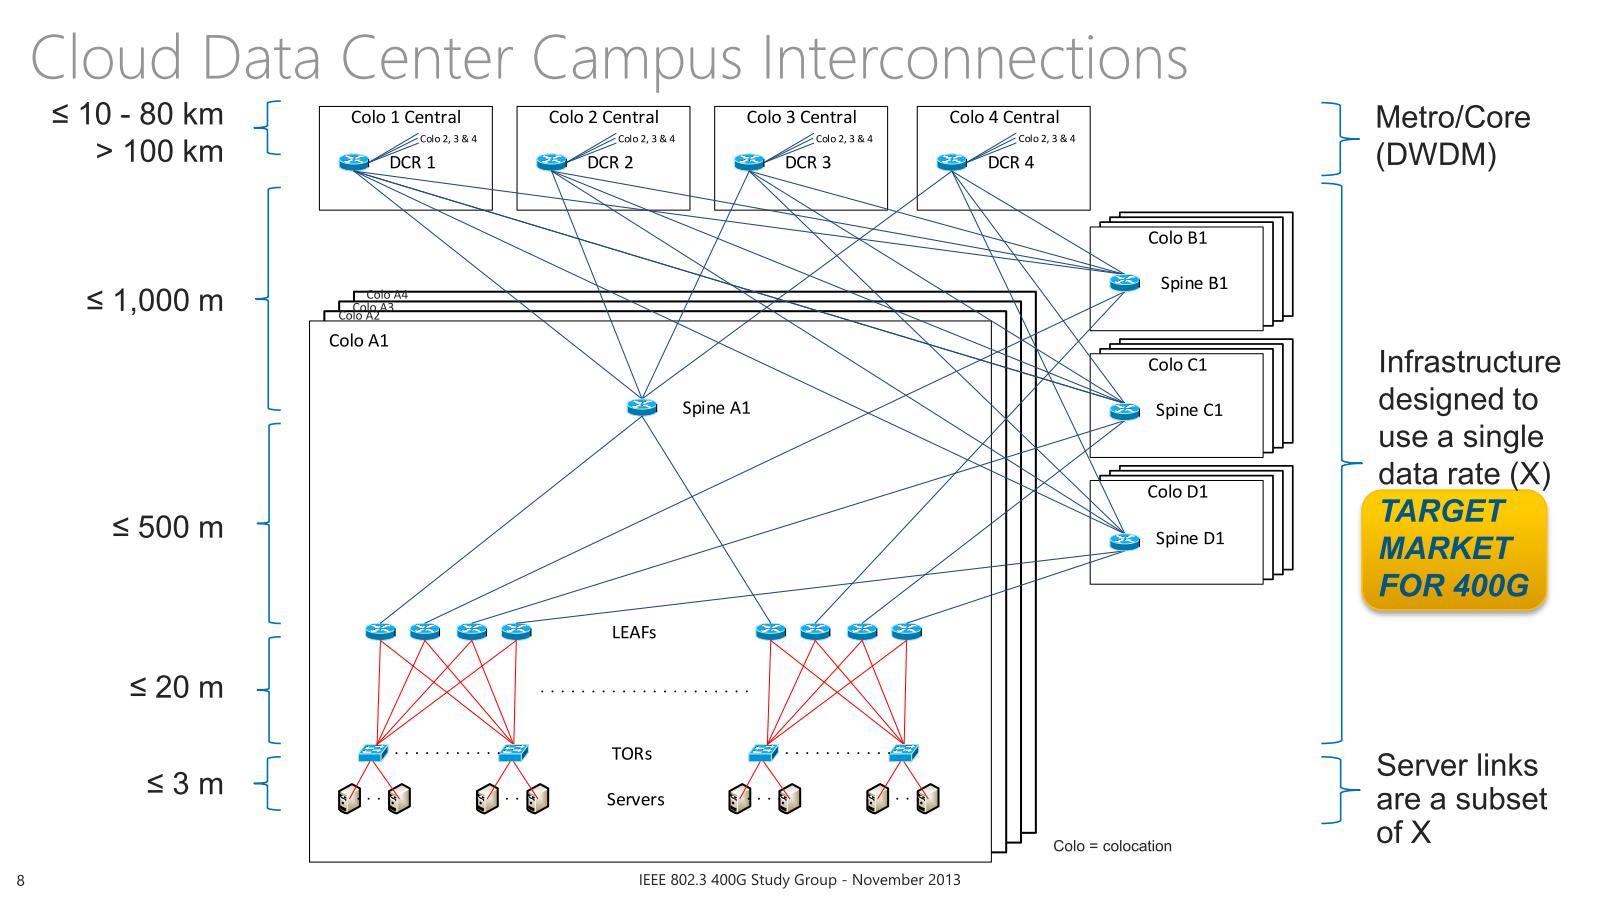 """これは400Gの議論をしている際の資料だが、構造と伝送距離に関しては参考になるかと思う。出典は""""<a href=""""http://www.ieee802.org/3/400GSG/public/13_11/booth_400_01a_1113.pdf"""" class=""""strong bn"""" target=""""_blank"""">Global Networking Services: Objectives to Support Cloud Scale Data Center Design</a>"""""""